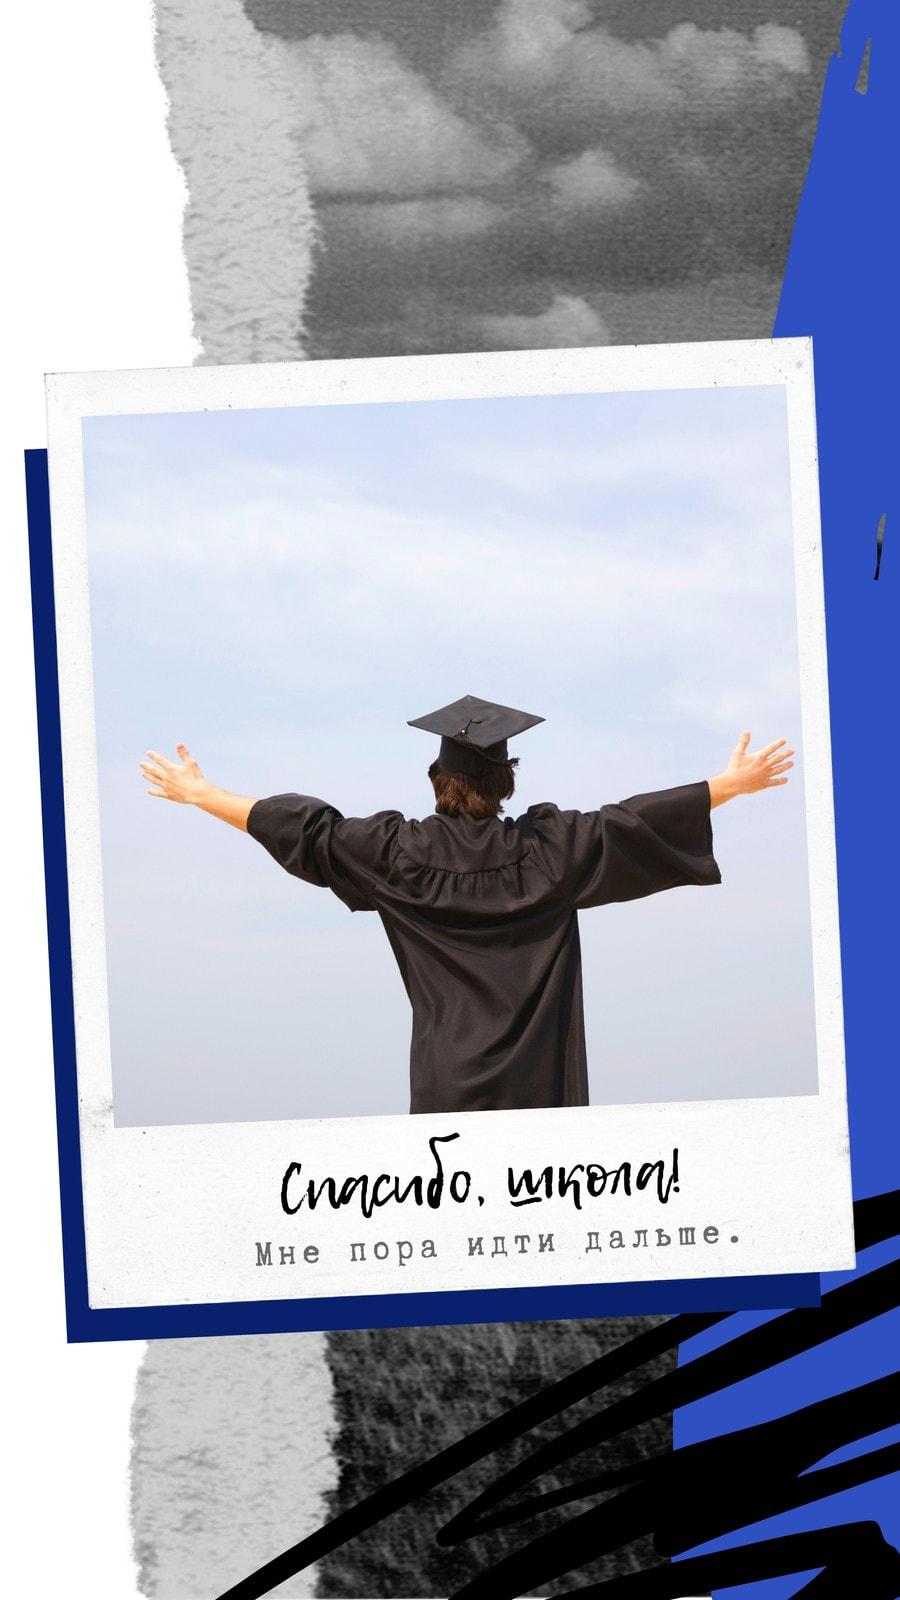 История в Instagram на последний звонок с фотографией выпускника в рамке и сине-черной графикой